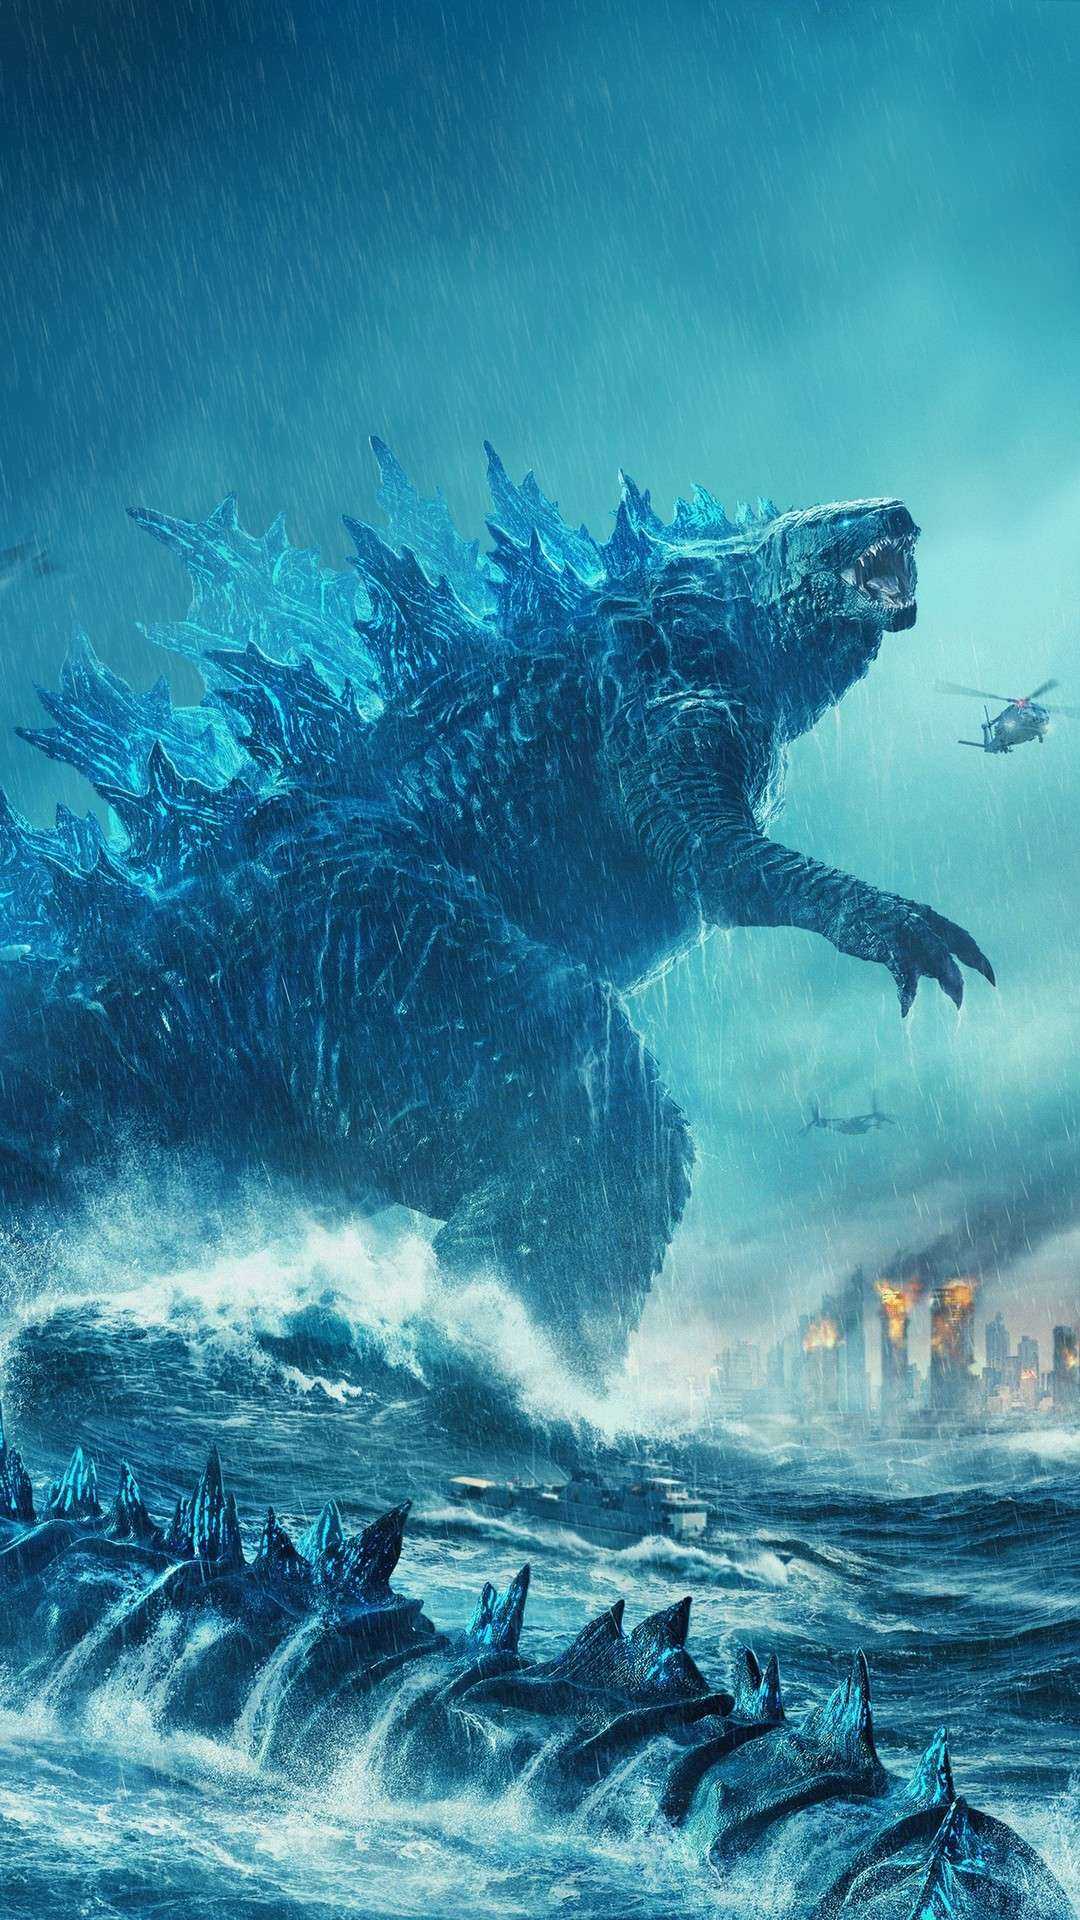 Godzilla Backgrounds on WallpaperSafari